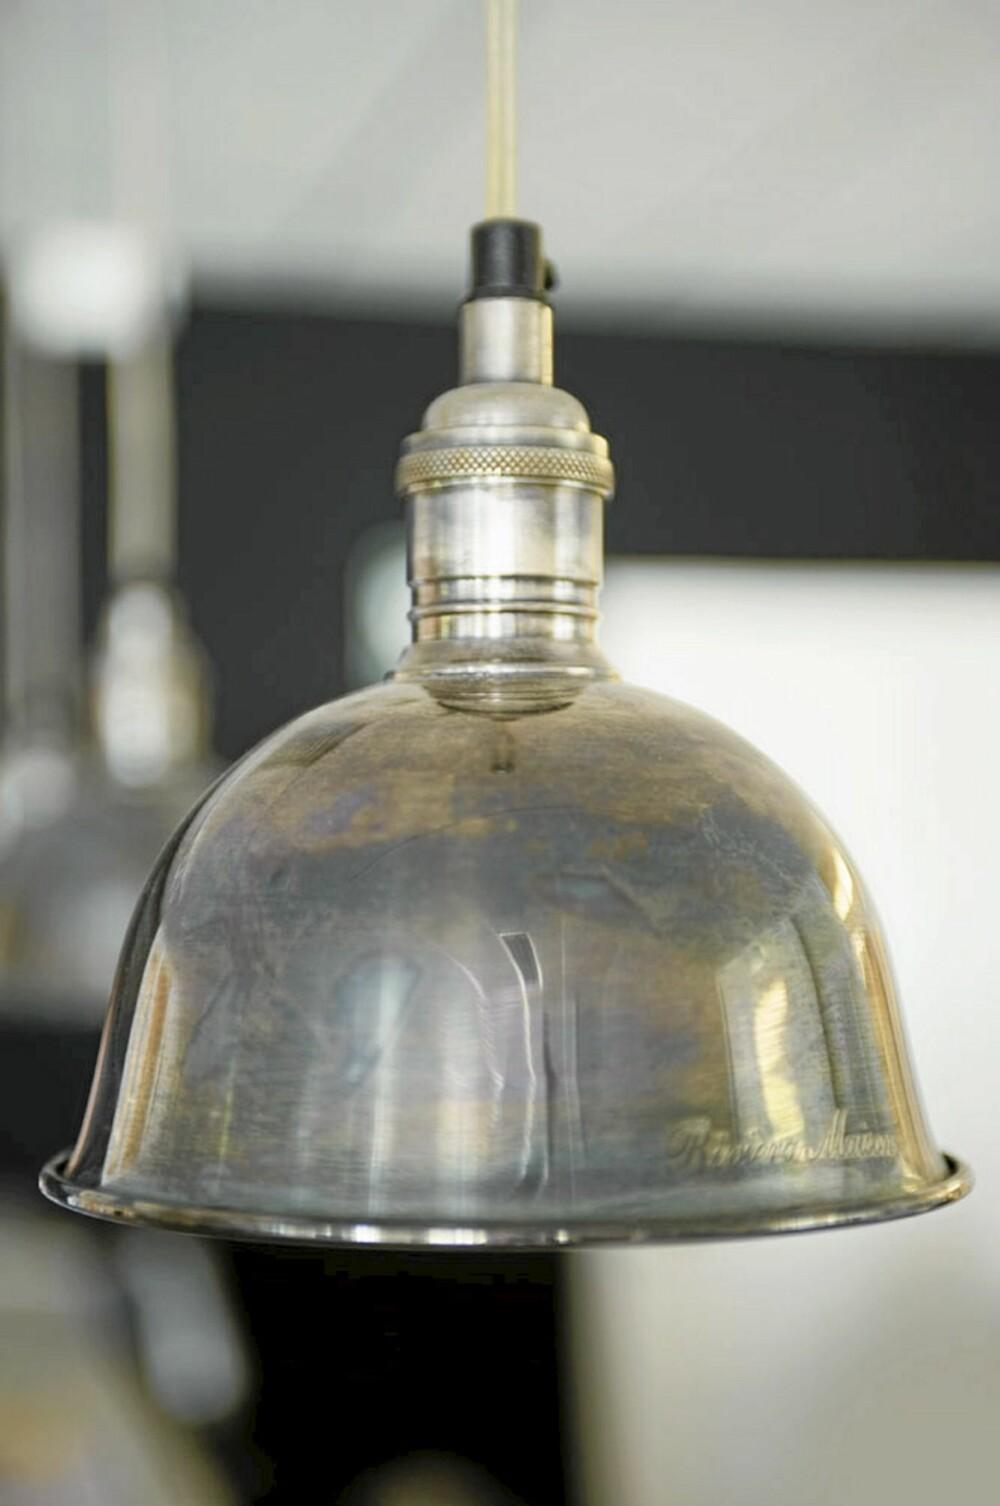 BELYSNING: God belysning er viktig på kjøkkenet, og særlig over kjøkkenbordet hvor man både spiser og arbeider. For å bryte litt med den romantiske stilen kan det være stilig med en industriell stil på belysningen. Tøffe lamper i stål og sink vil passe godt på et rustikt kjøkken. Fra Riviera Maison